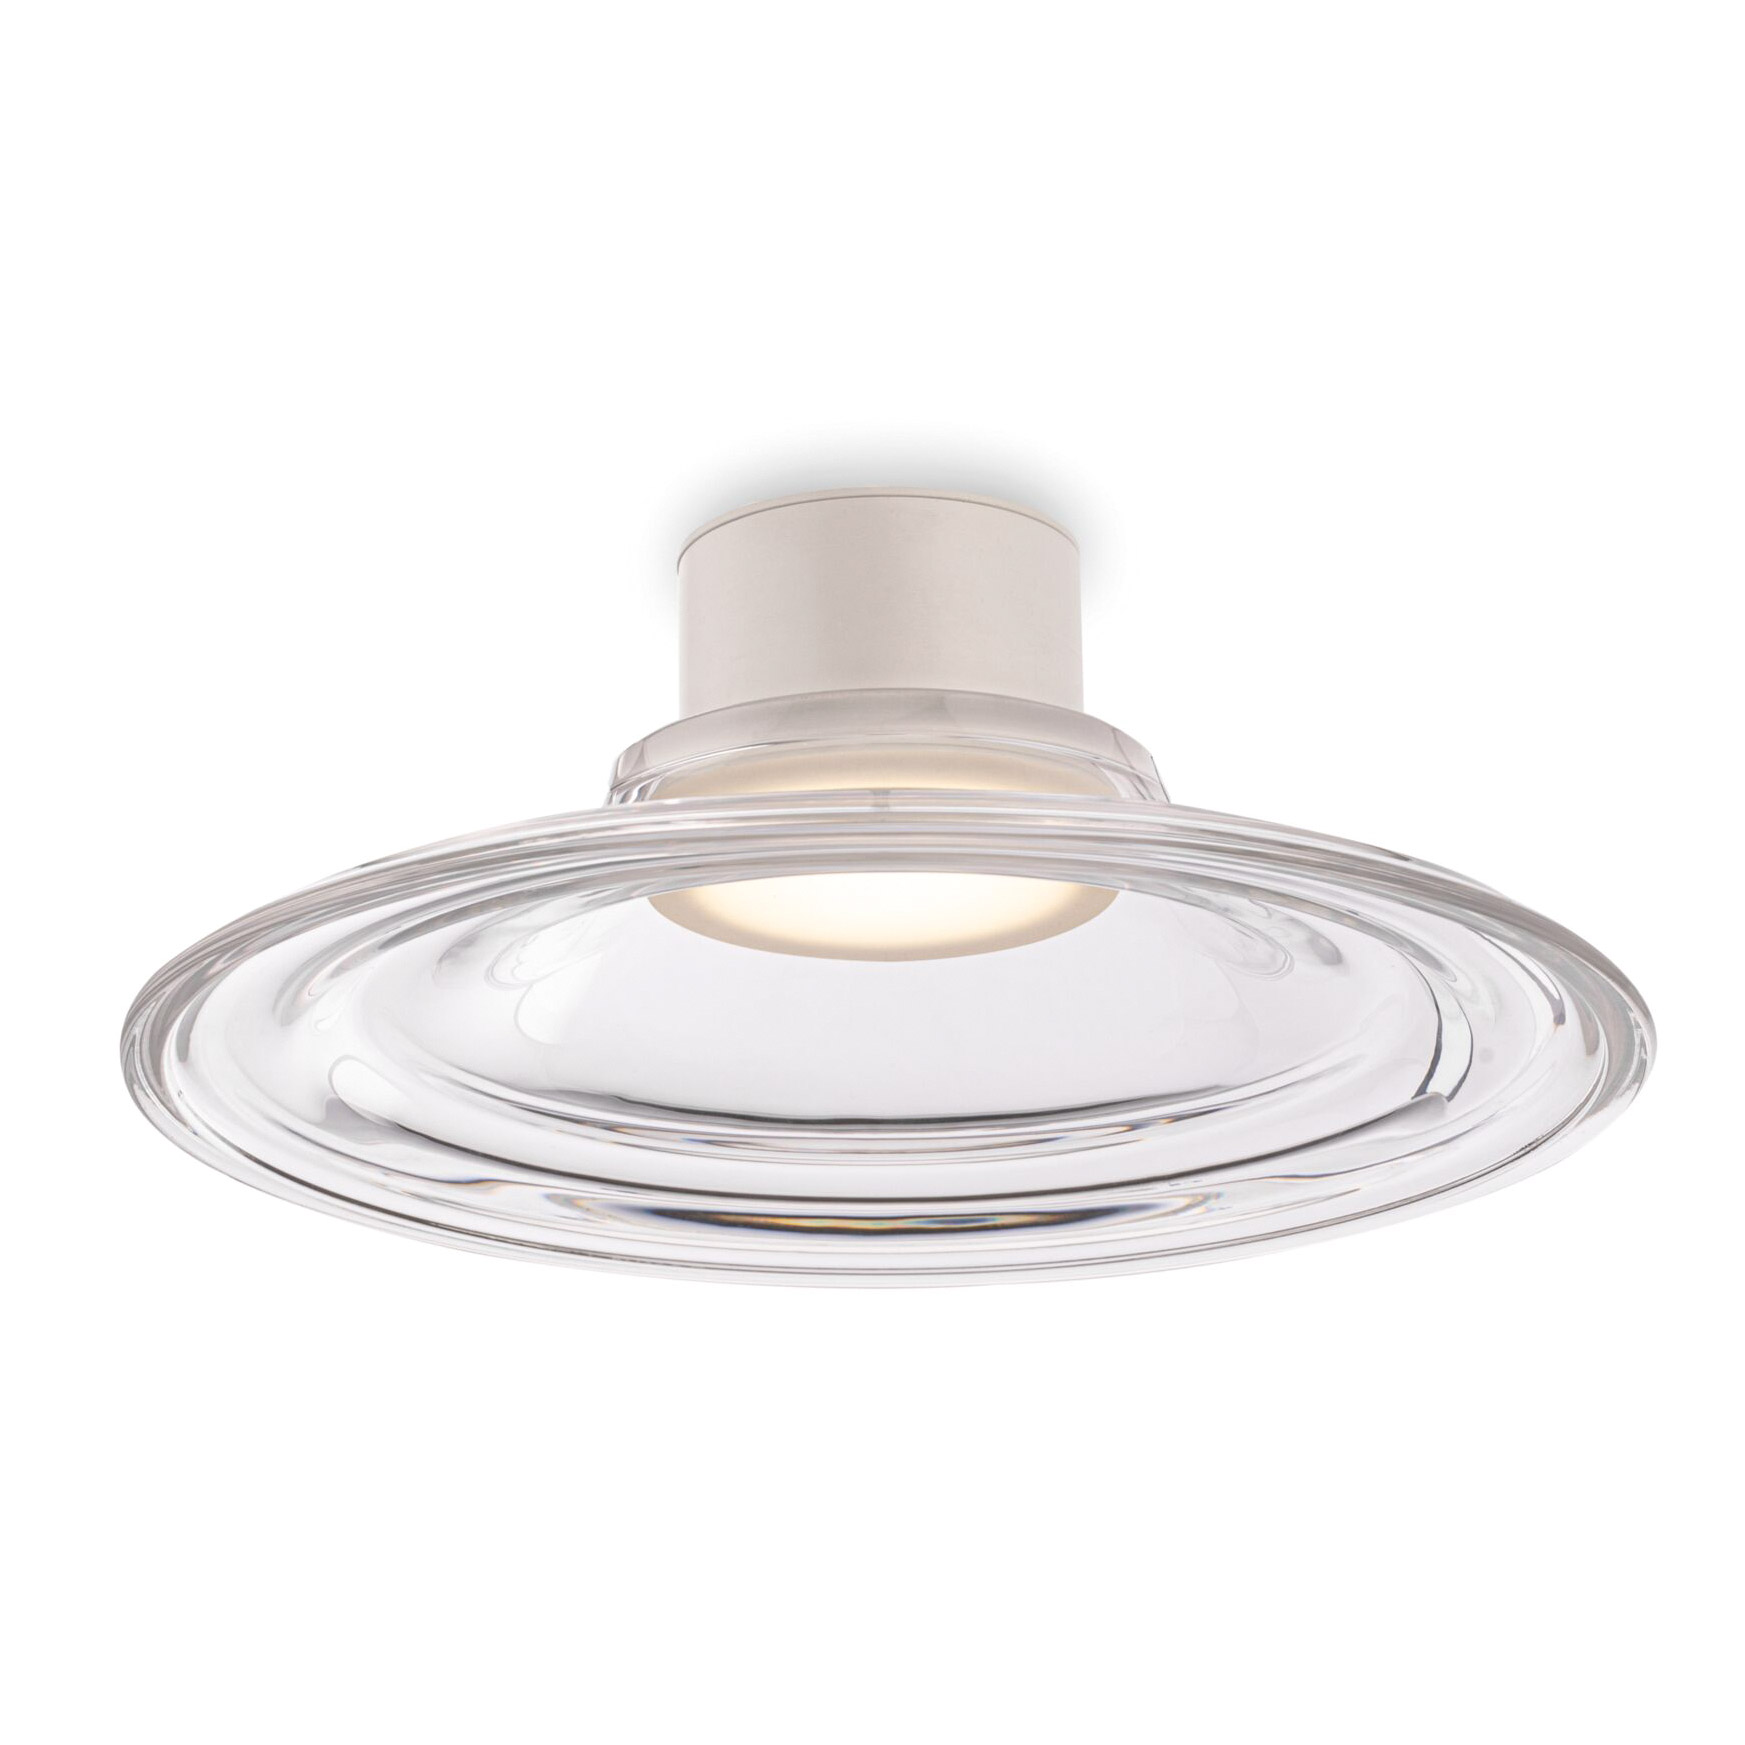 Потолочный светильник Maytoni Remous C045CL-L9W4K светильник светодиодный maytoni remous c045cl l9w4k led 9 вт